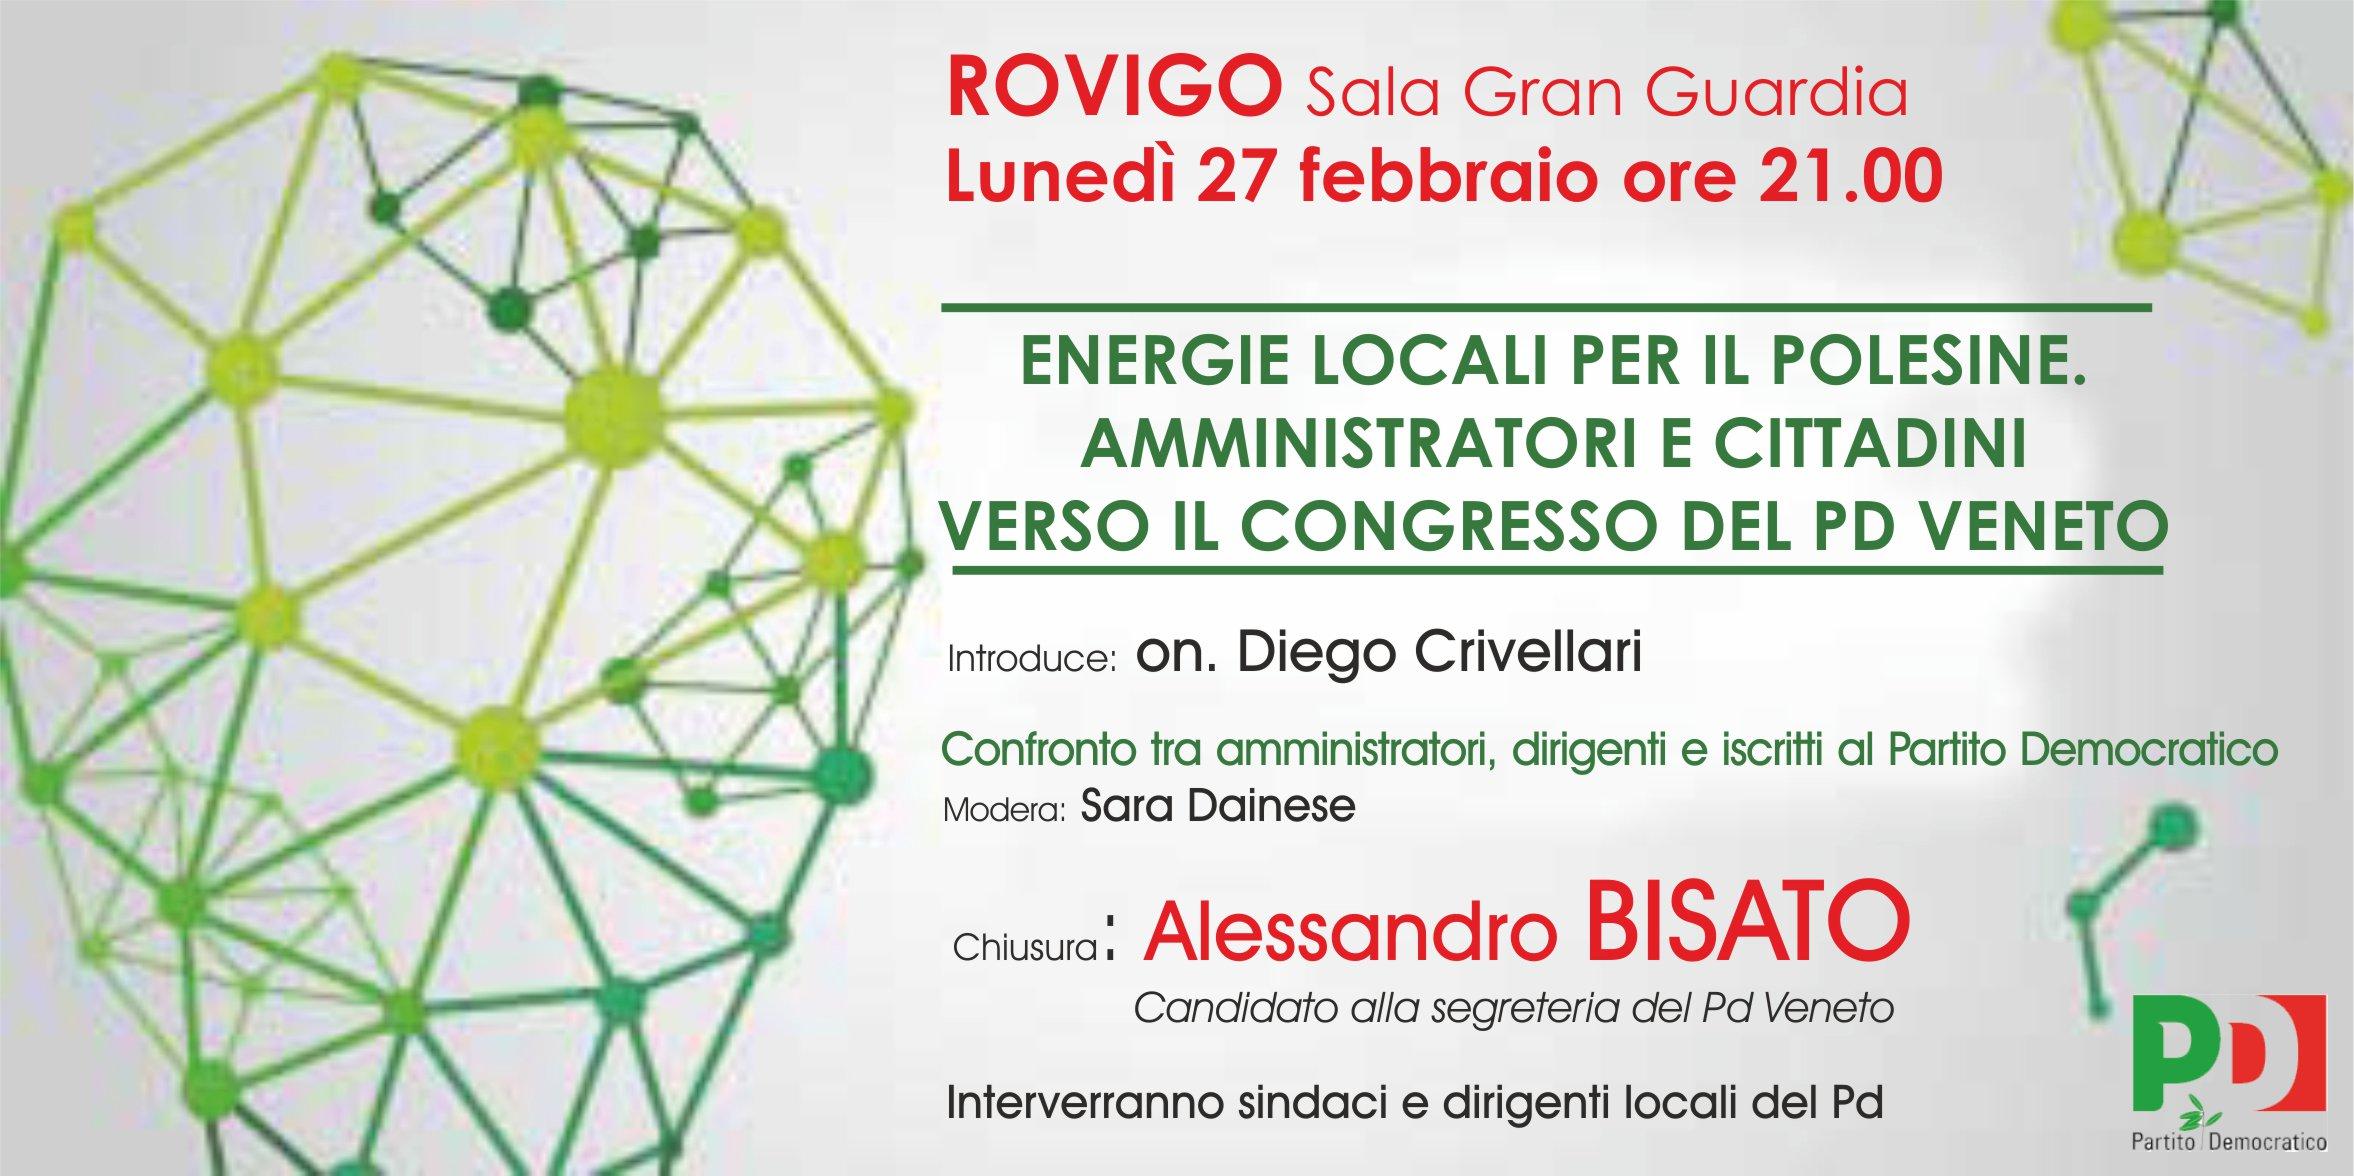 Energie locali per il Polesine Amministratori e cittadini verso il congresso per il PD Veneto